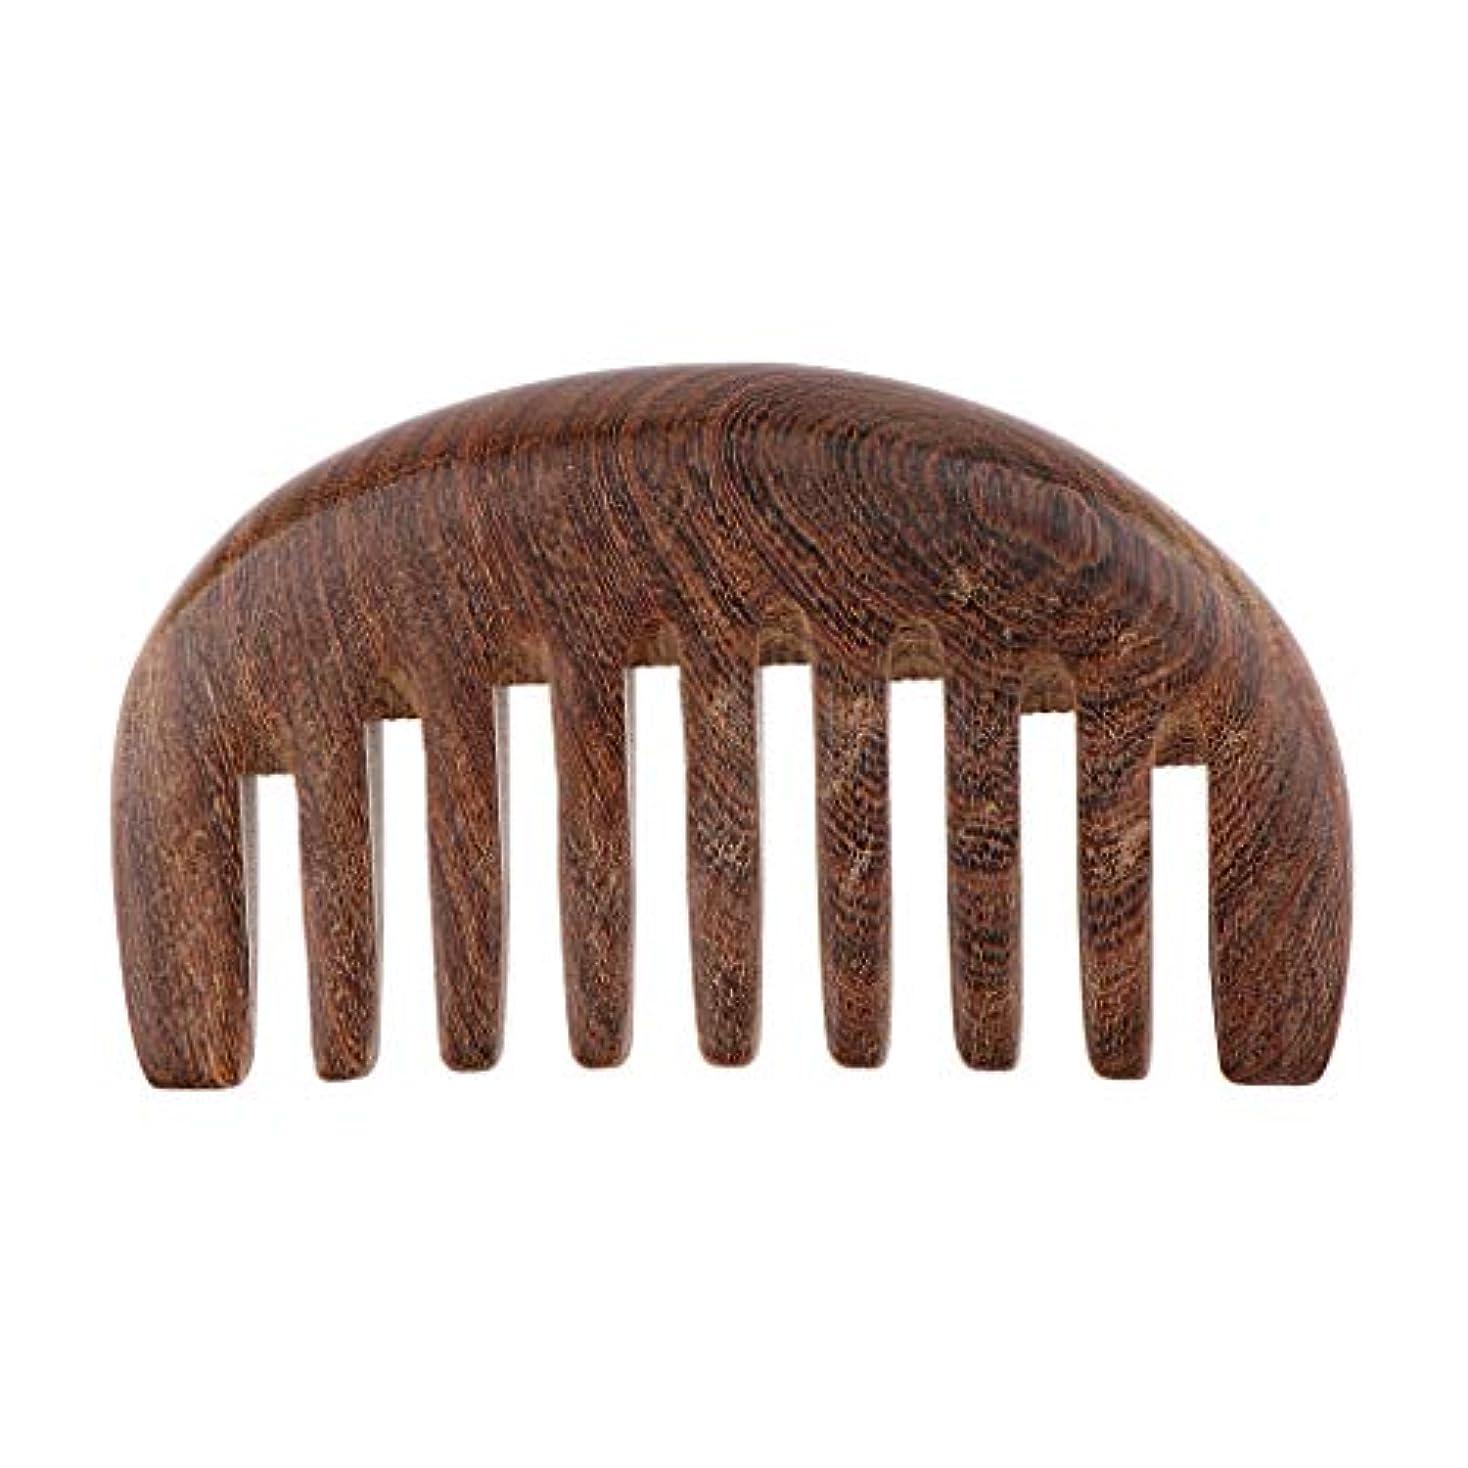 素晴らしいですくしゃみ説得くし コーム 荒め 櫛 木製 美髪ケア サンダルウッド製 帯電防止 毛縮れ避け 3色選べ - クロロフォラ